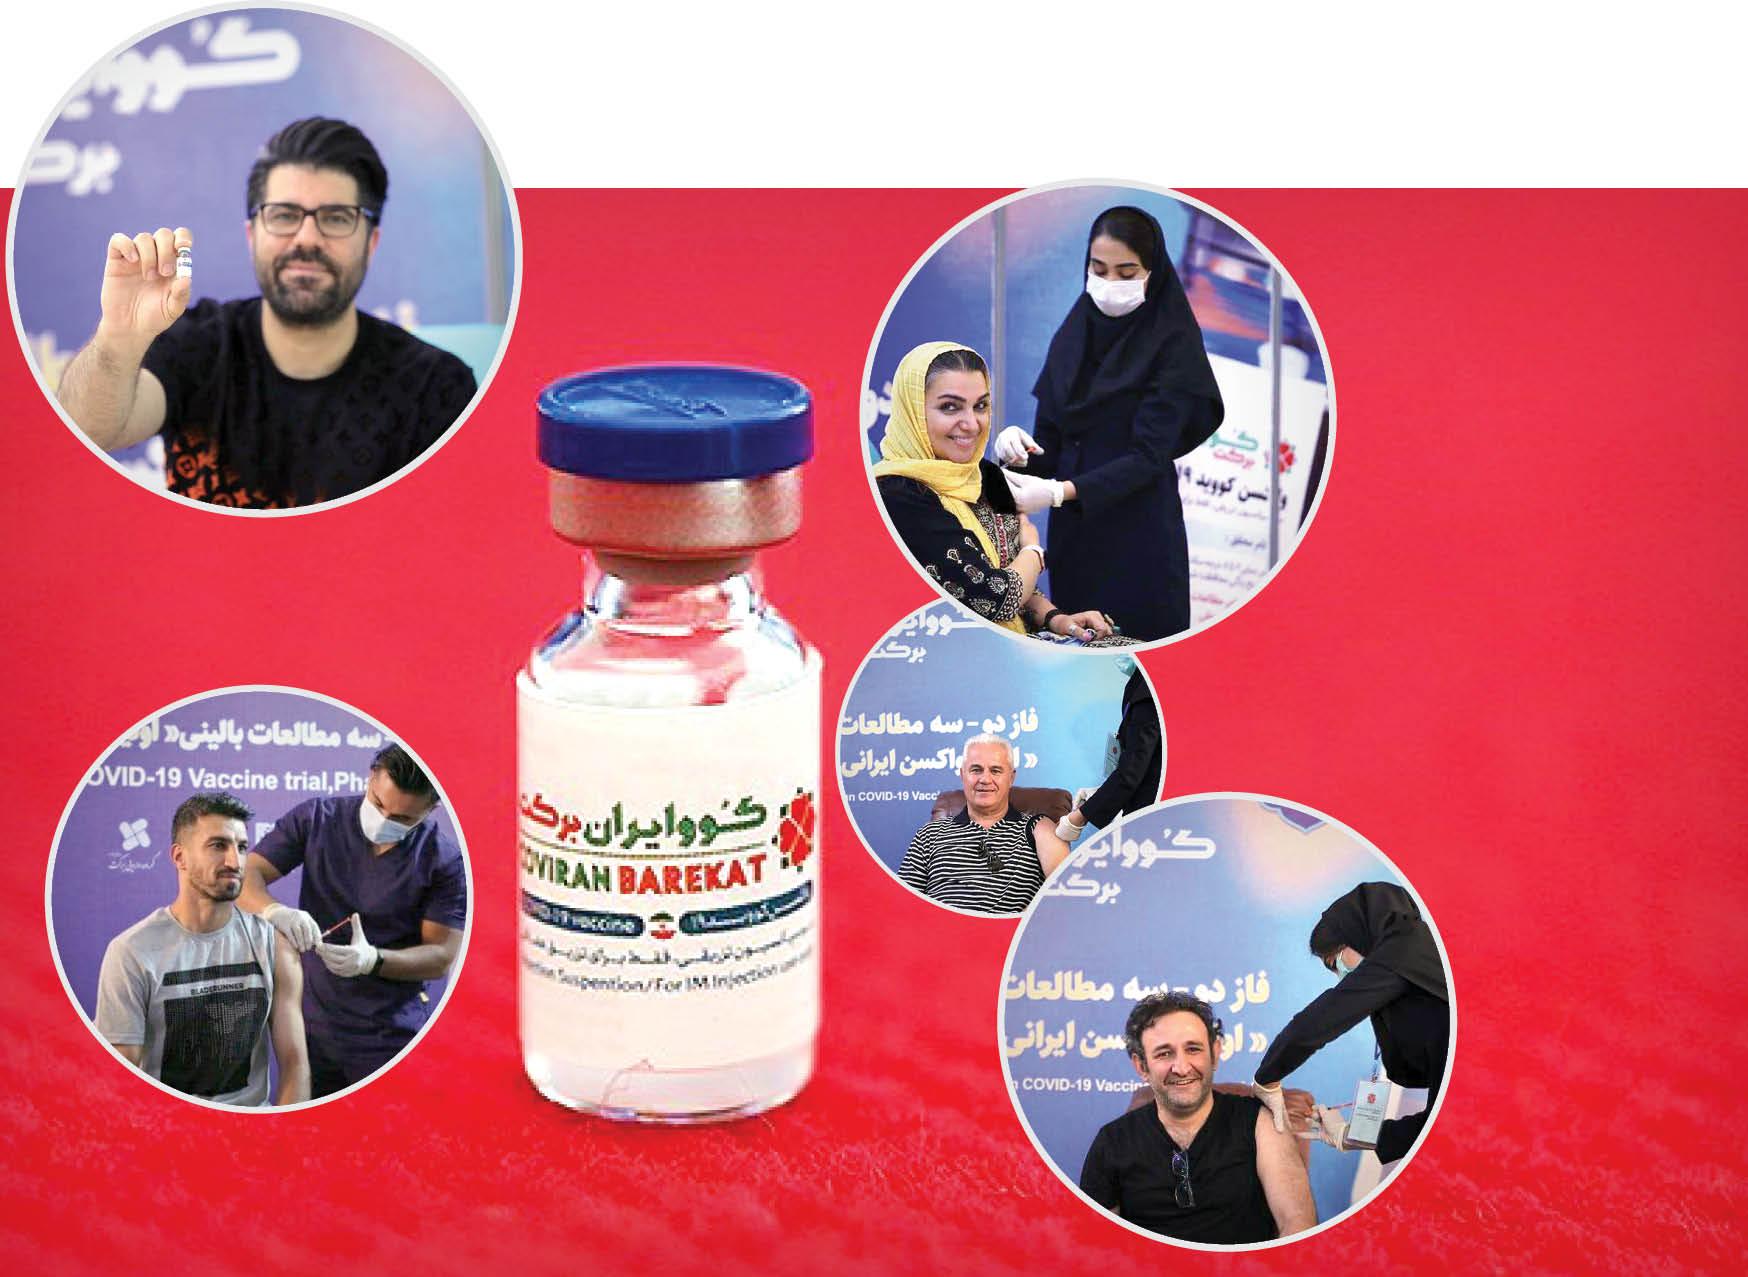 گفتوگو با چهره های معروفی که واکسن ایرانی زدند